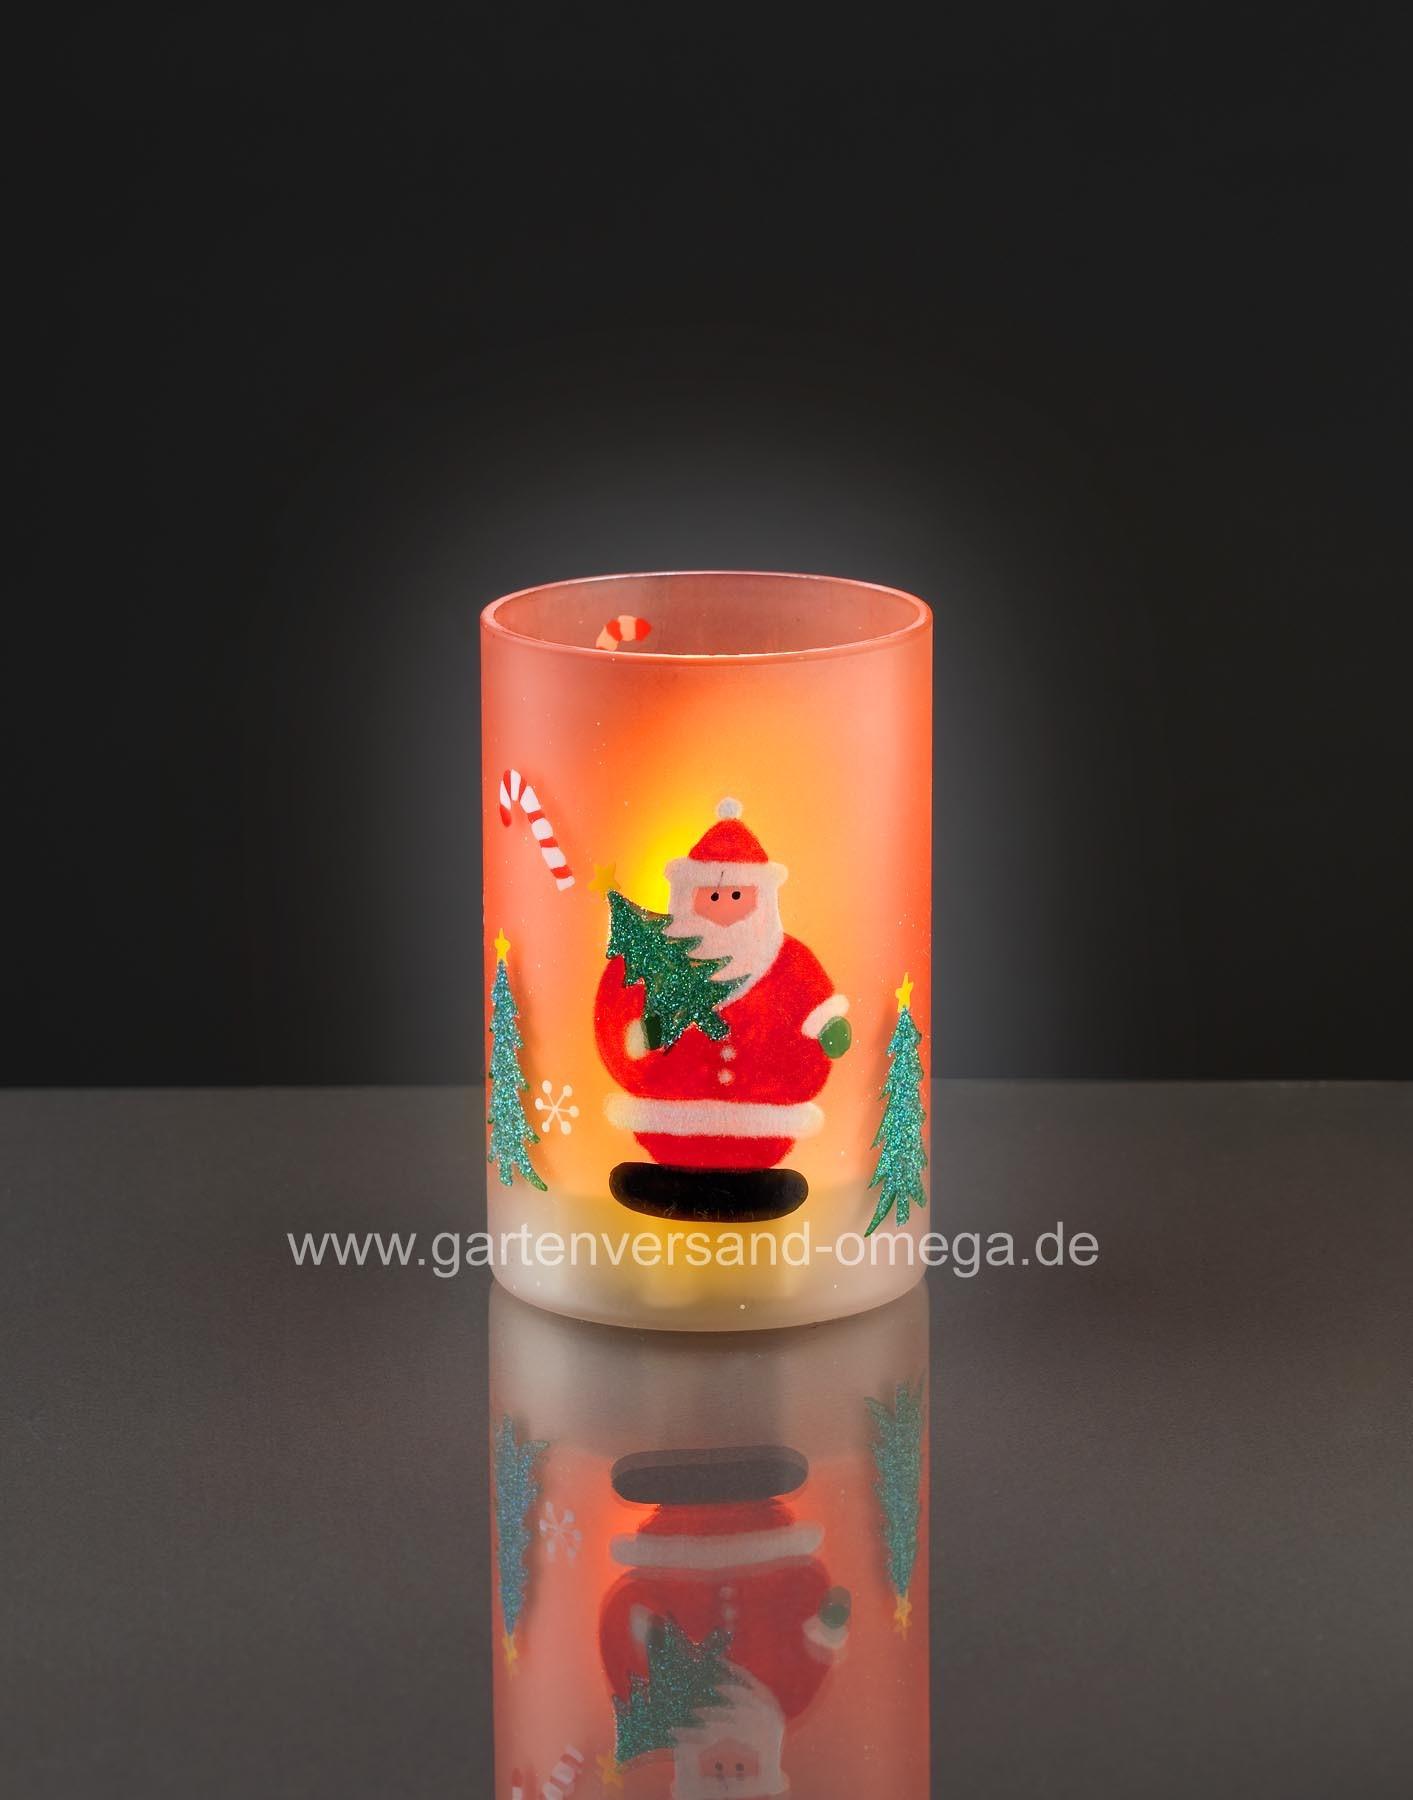 LED-Kerze mit Glas - Weihnachtsdekoration, Weihnachtsbeleuchtung, LED ...